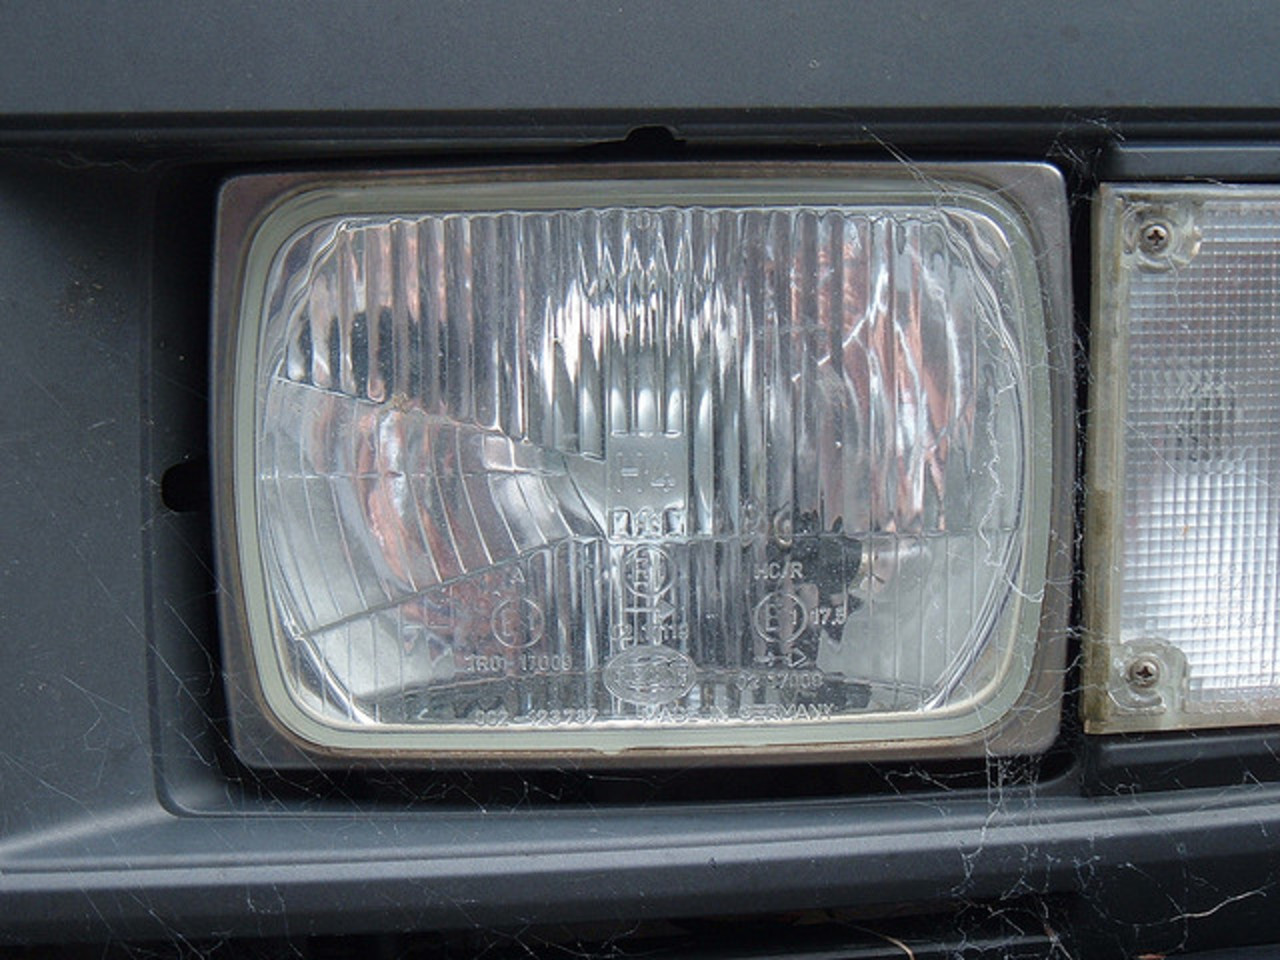 Car Lamp Texture. A Light With Car Lamp Texture. Simple Cars Light ... for car lamp texture  181pct